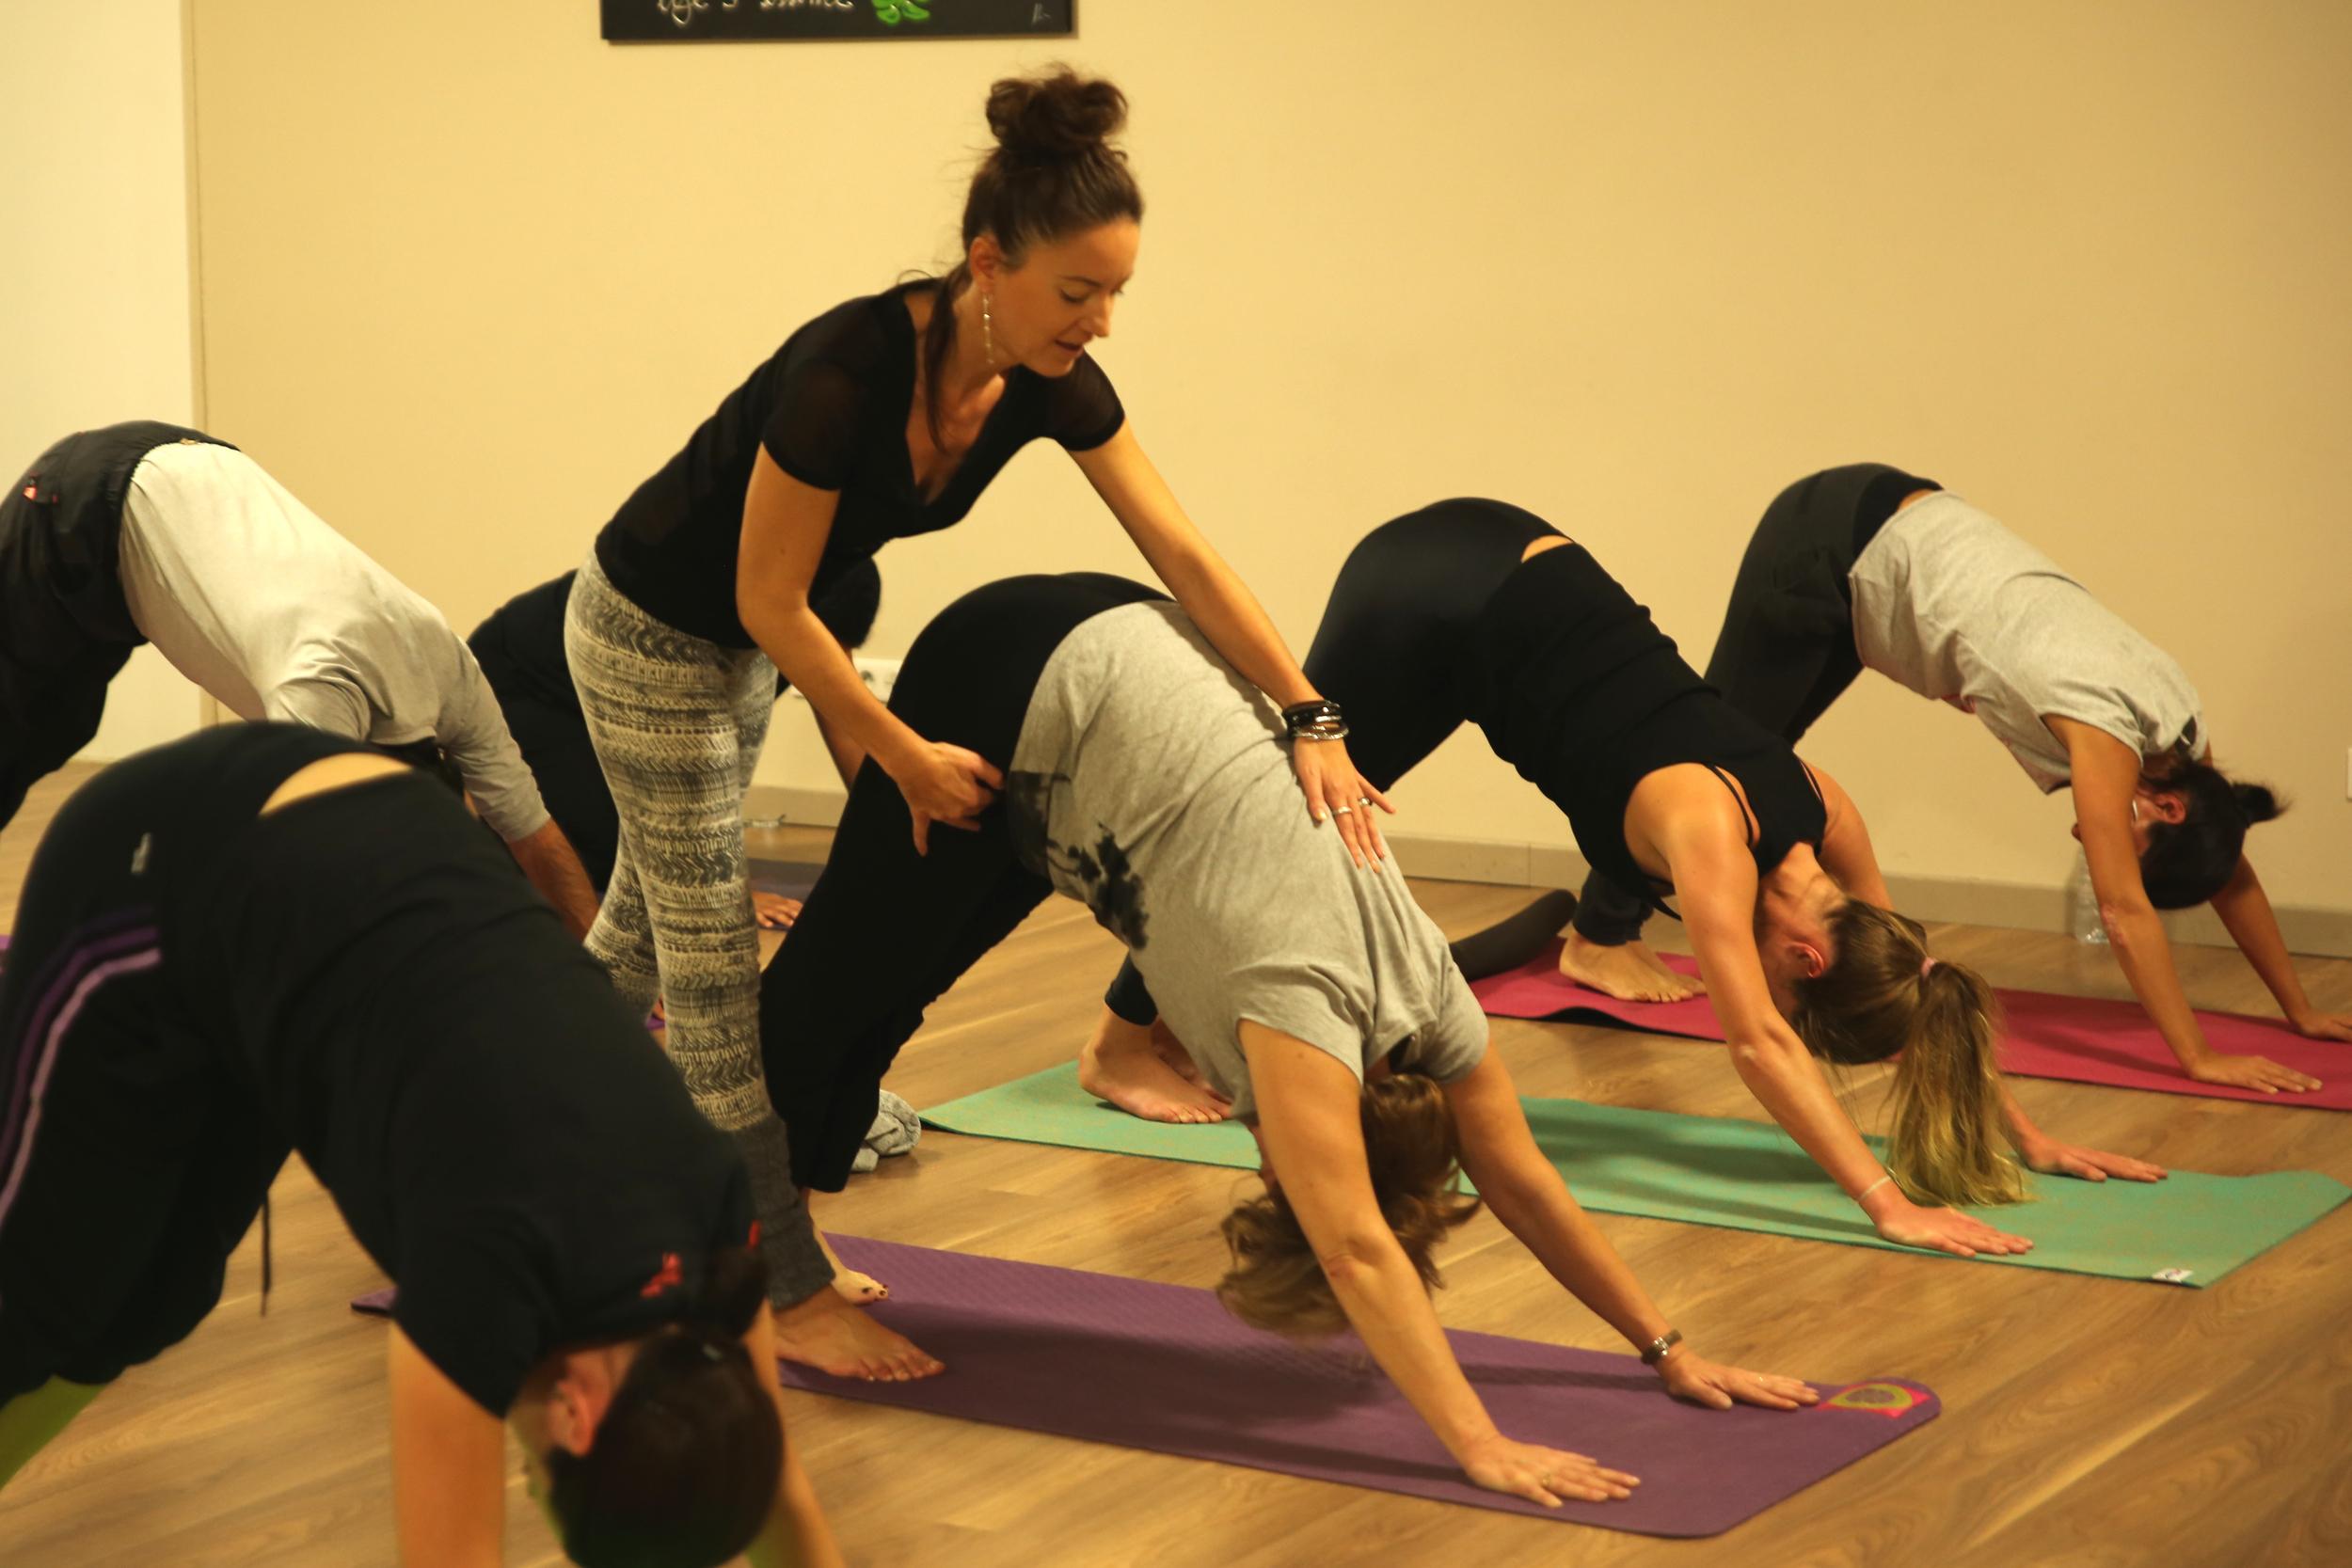 Cours de yoga en collectif à Cornebarrieu.